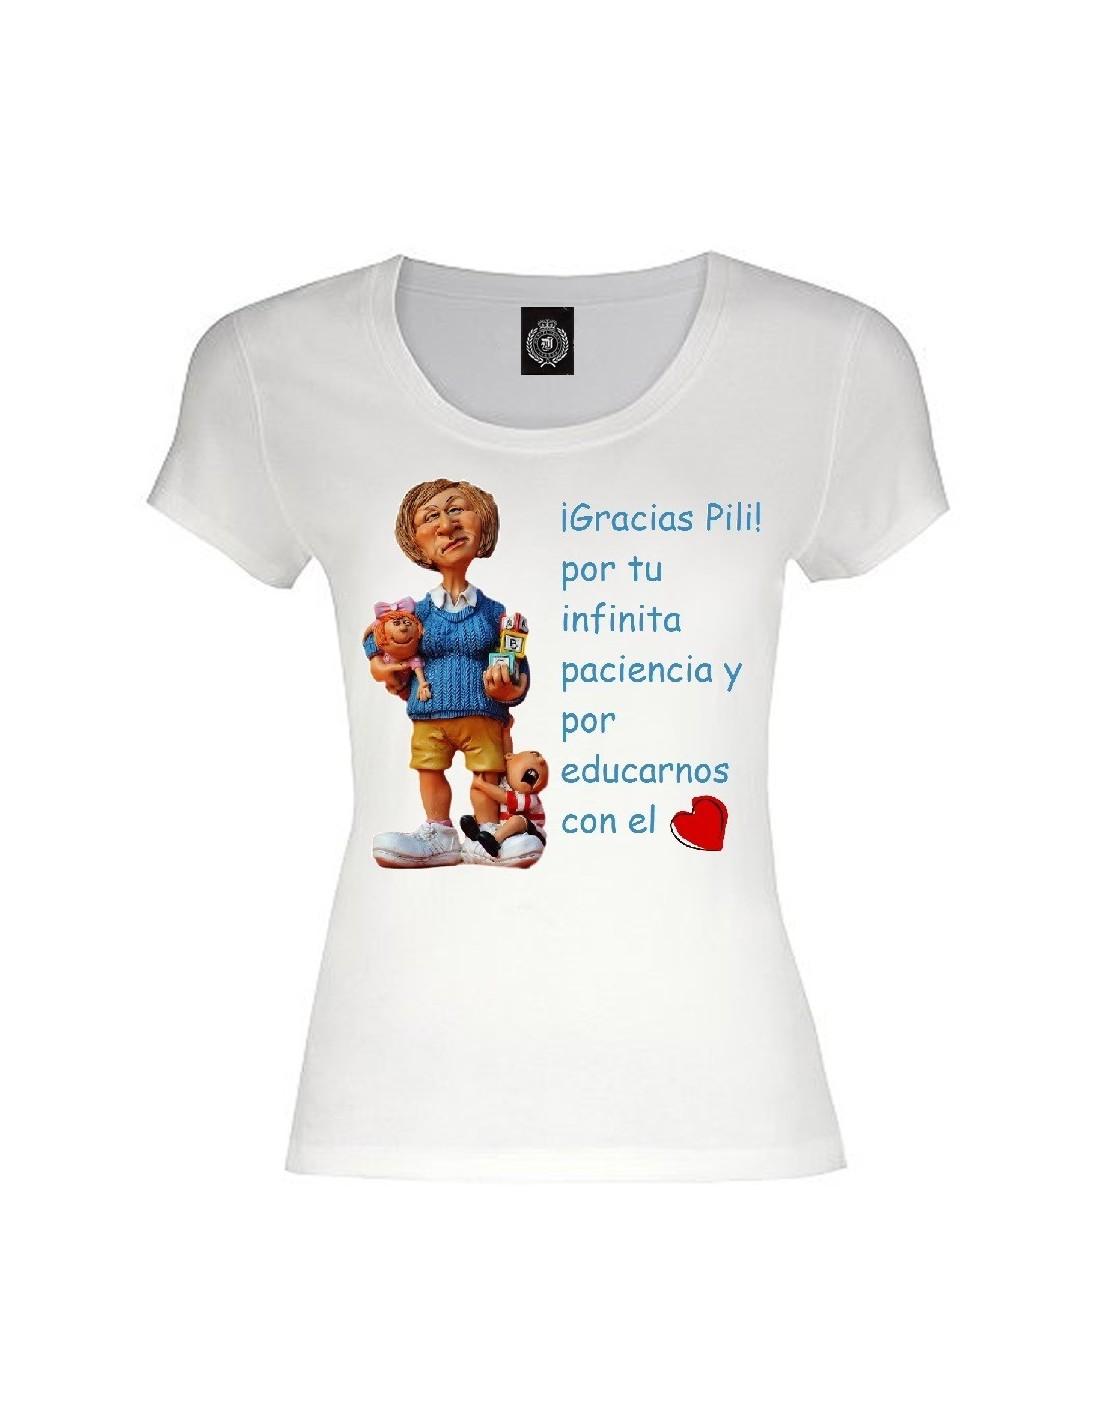 Camiseta personalizada profe en apuros eca6eabda3d76